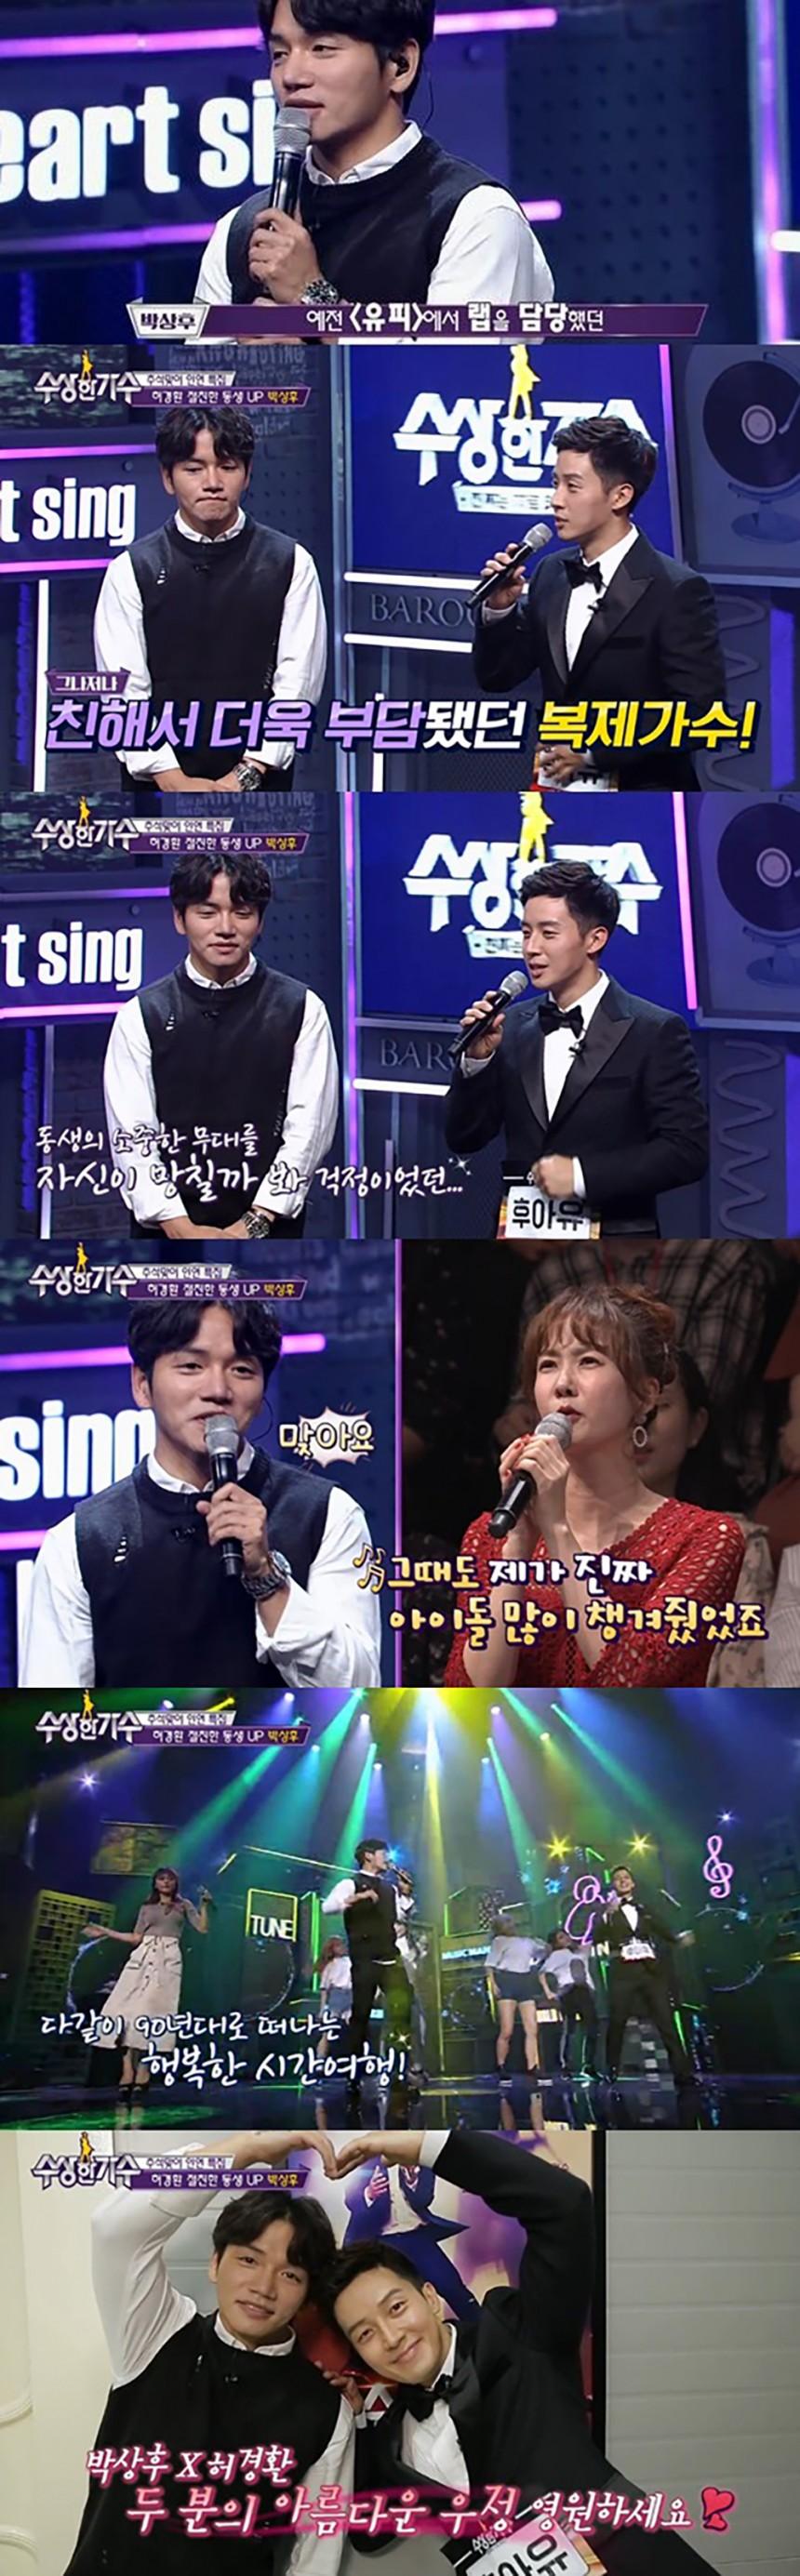 수상한 가수 / tvN 제공